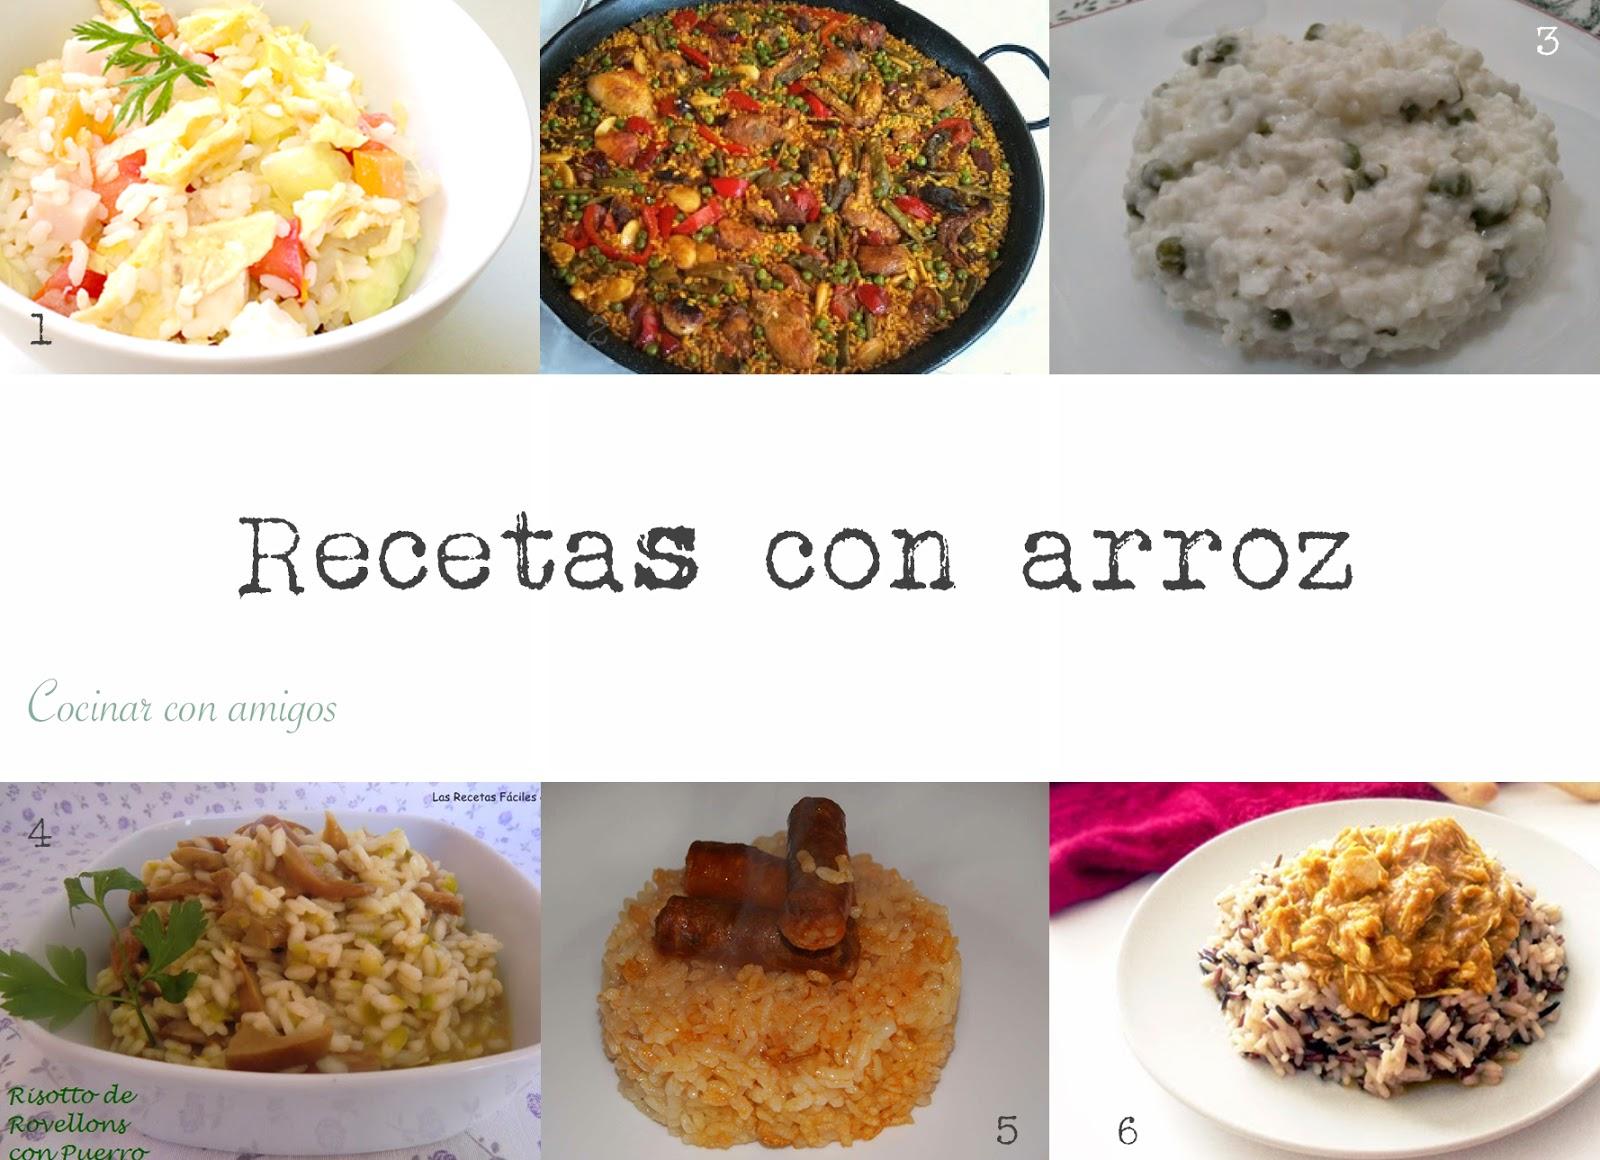 Beneficios y recetas con arroz cocinar con amigos for Cocinar 6 tipos de arroz